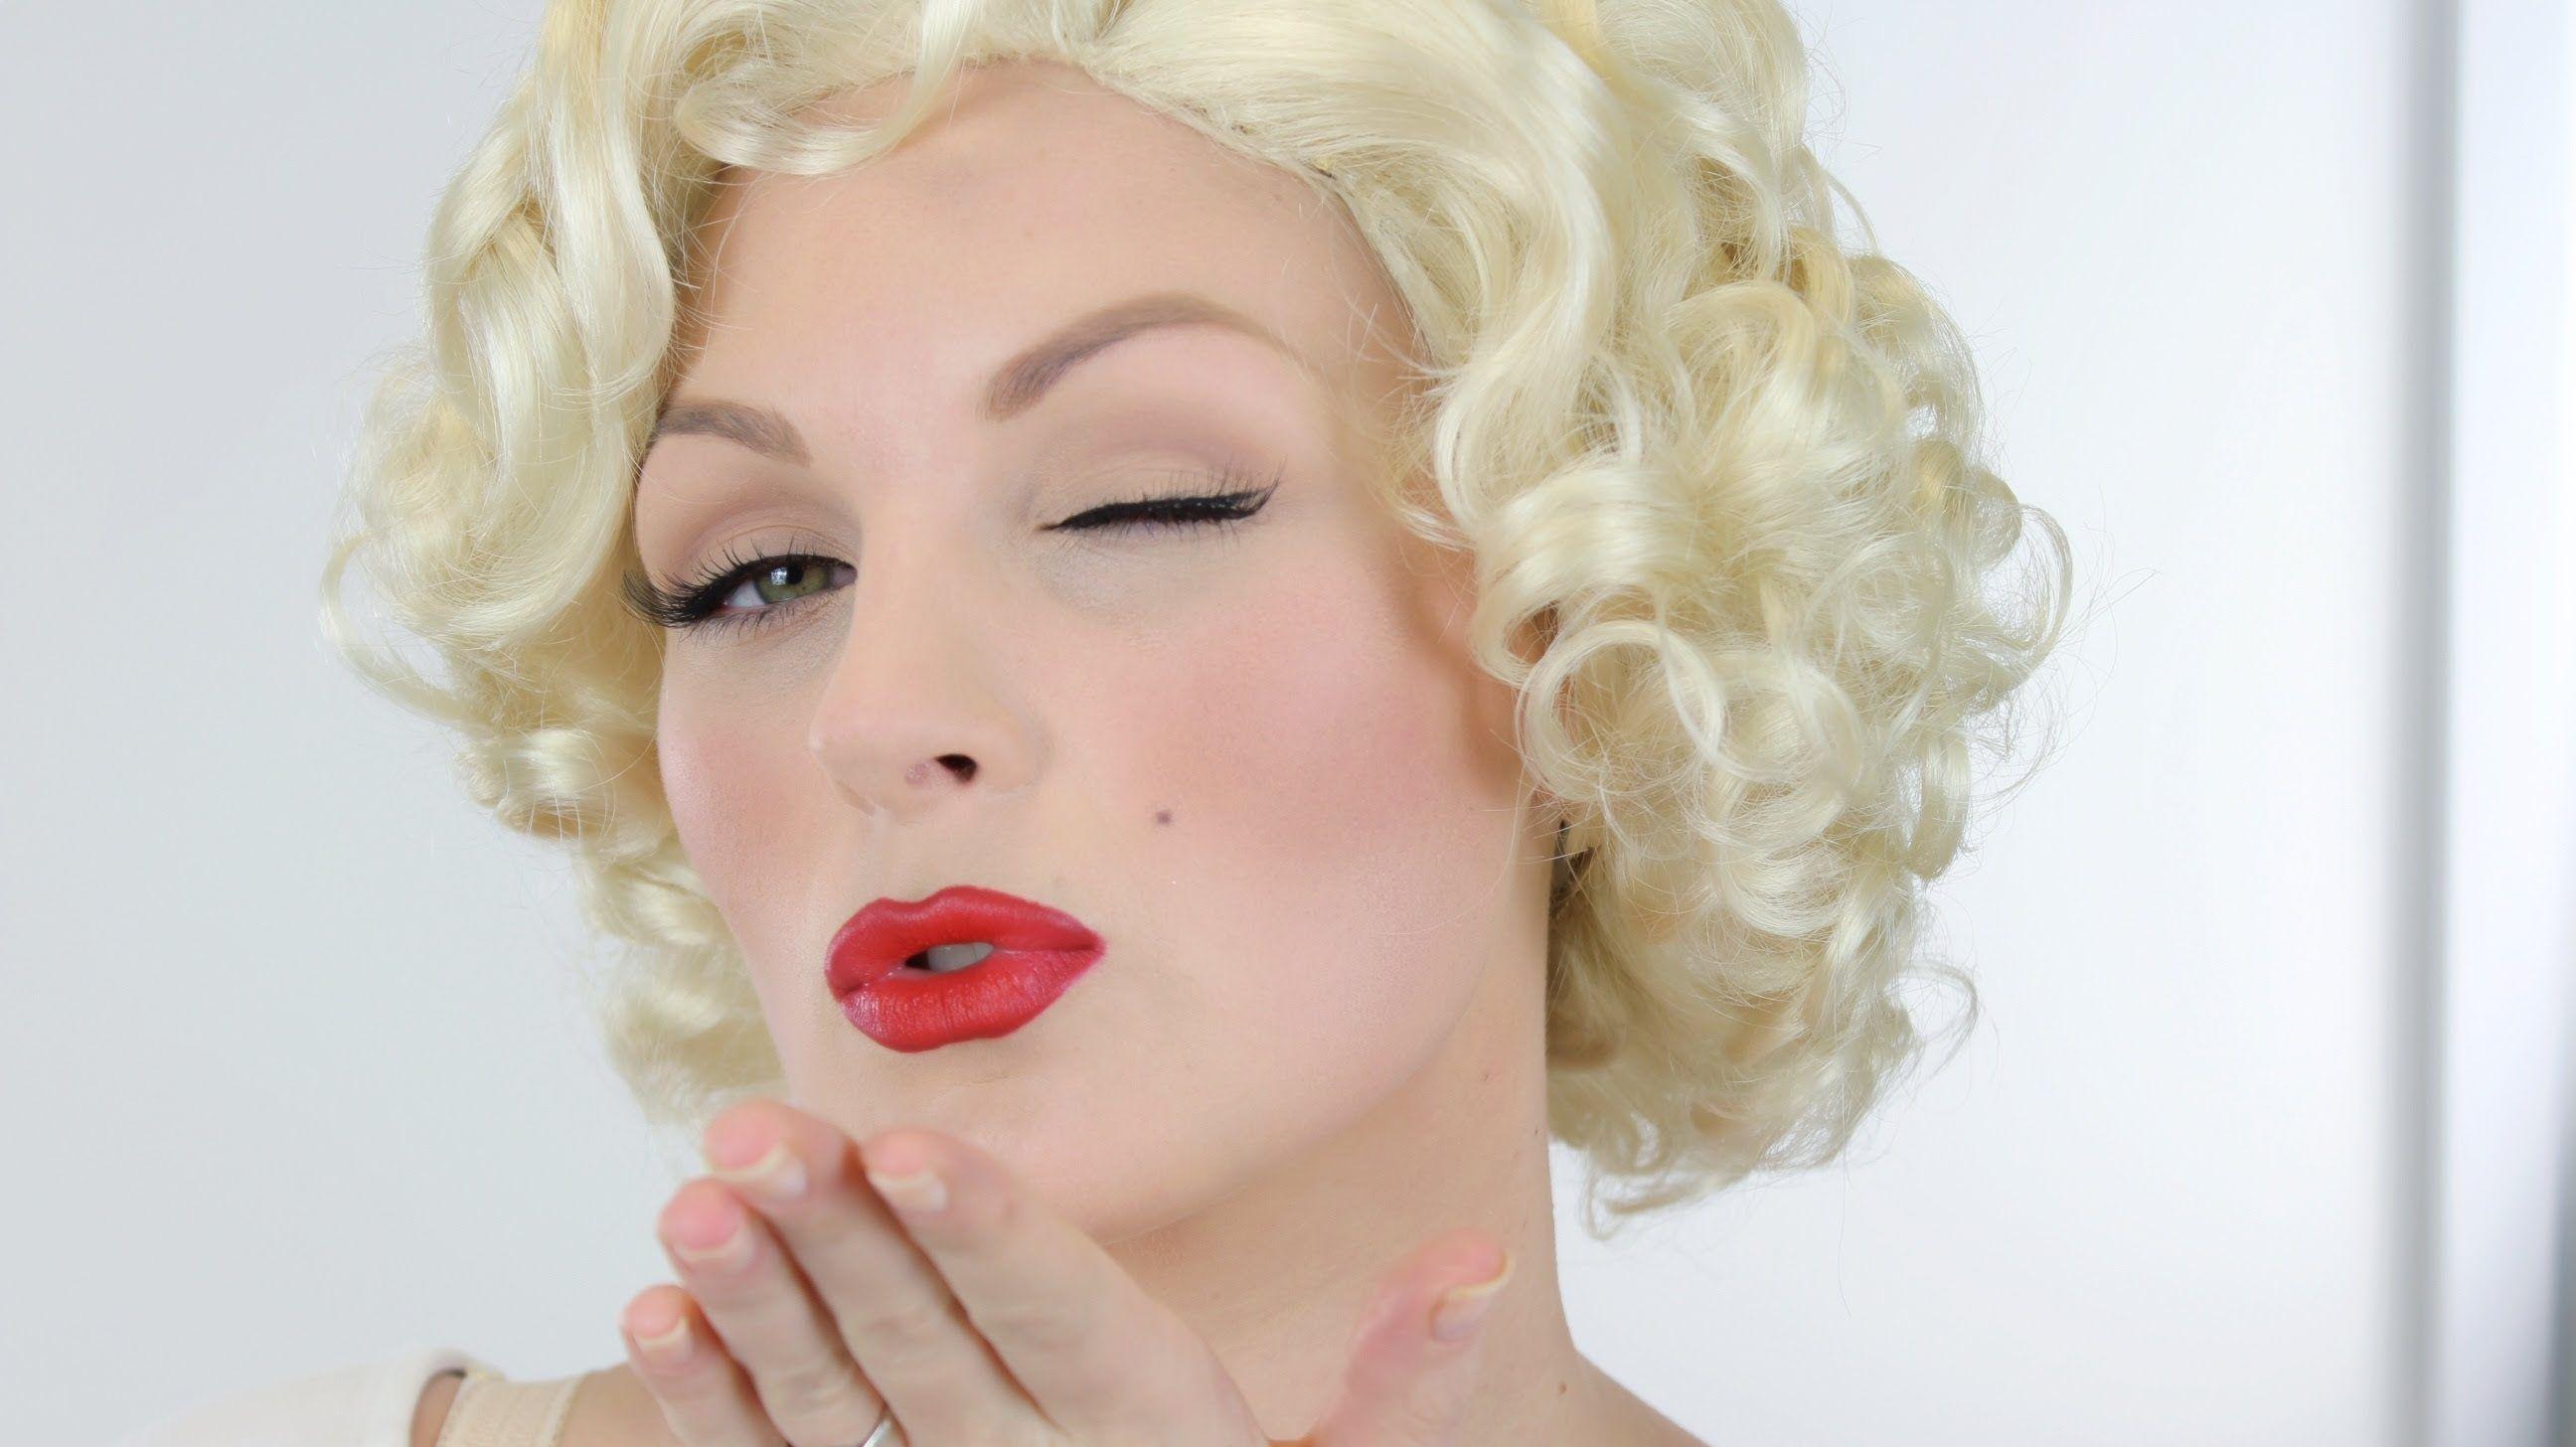 PIXIEWOO MARILYN MONROE MAKEUP TUTORIAL Vintage makeup